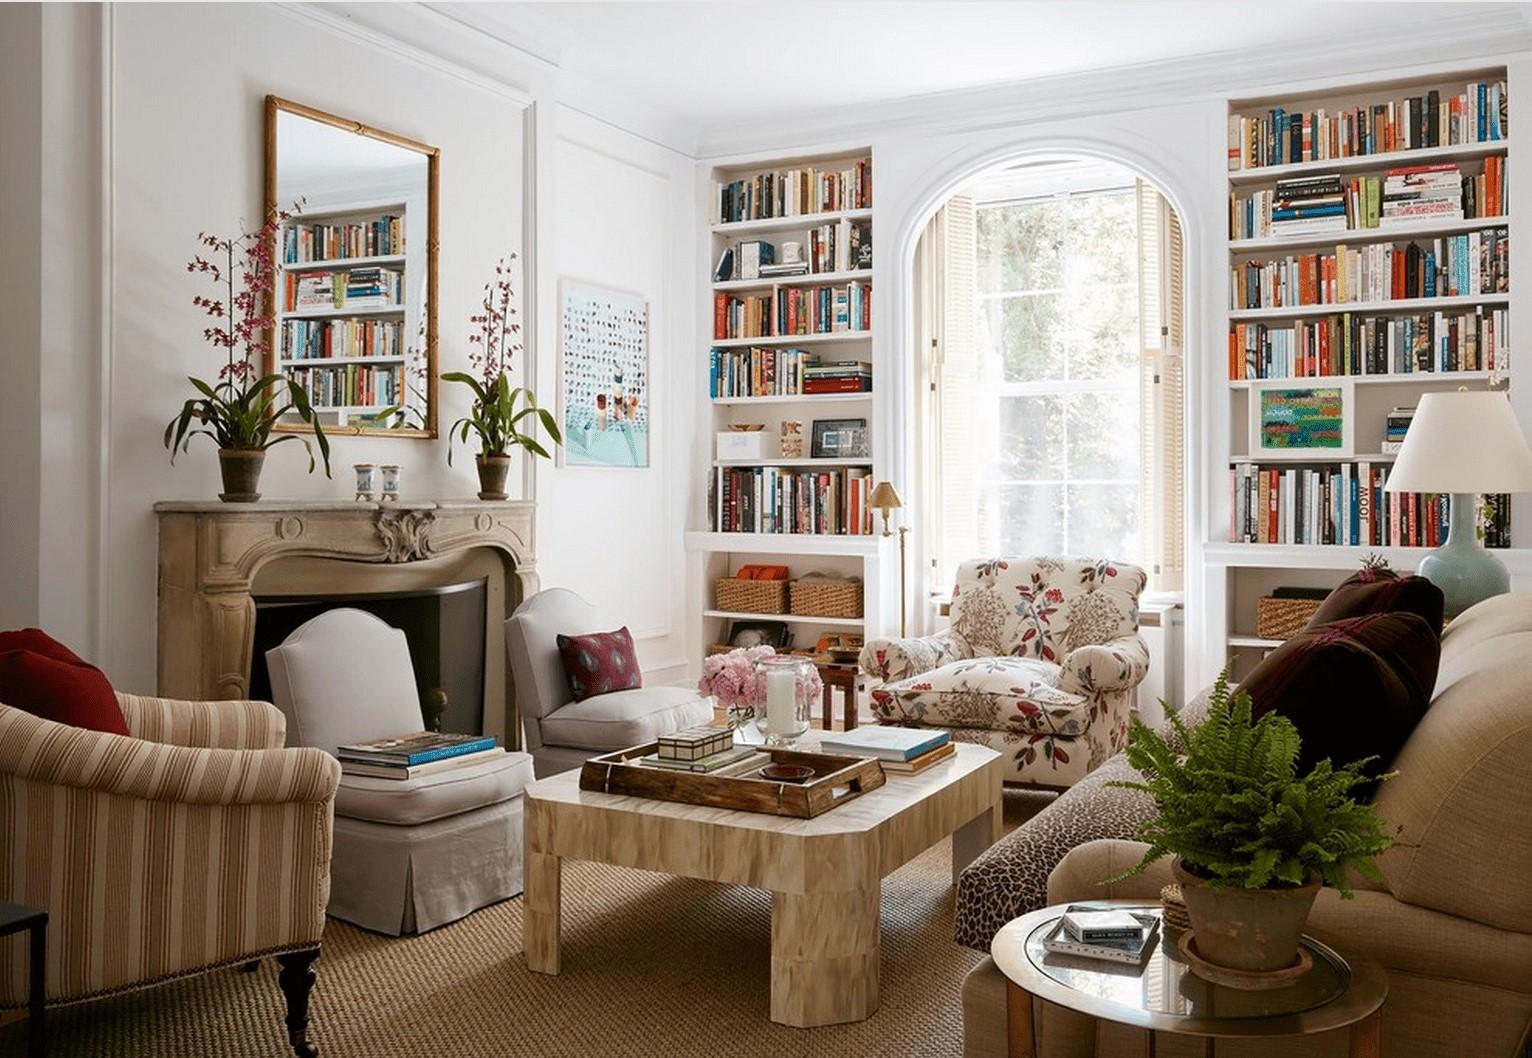 Ajoutez des bibliothèques et des livres dans votre salon chaleureux.